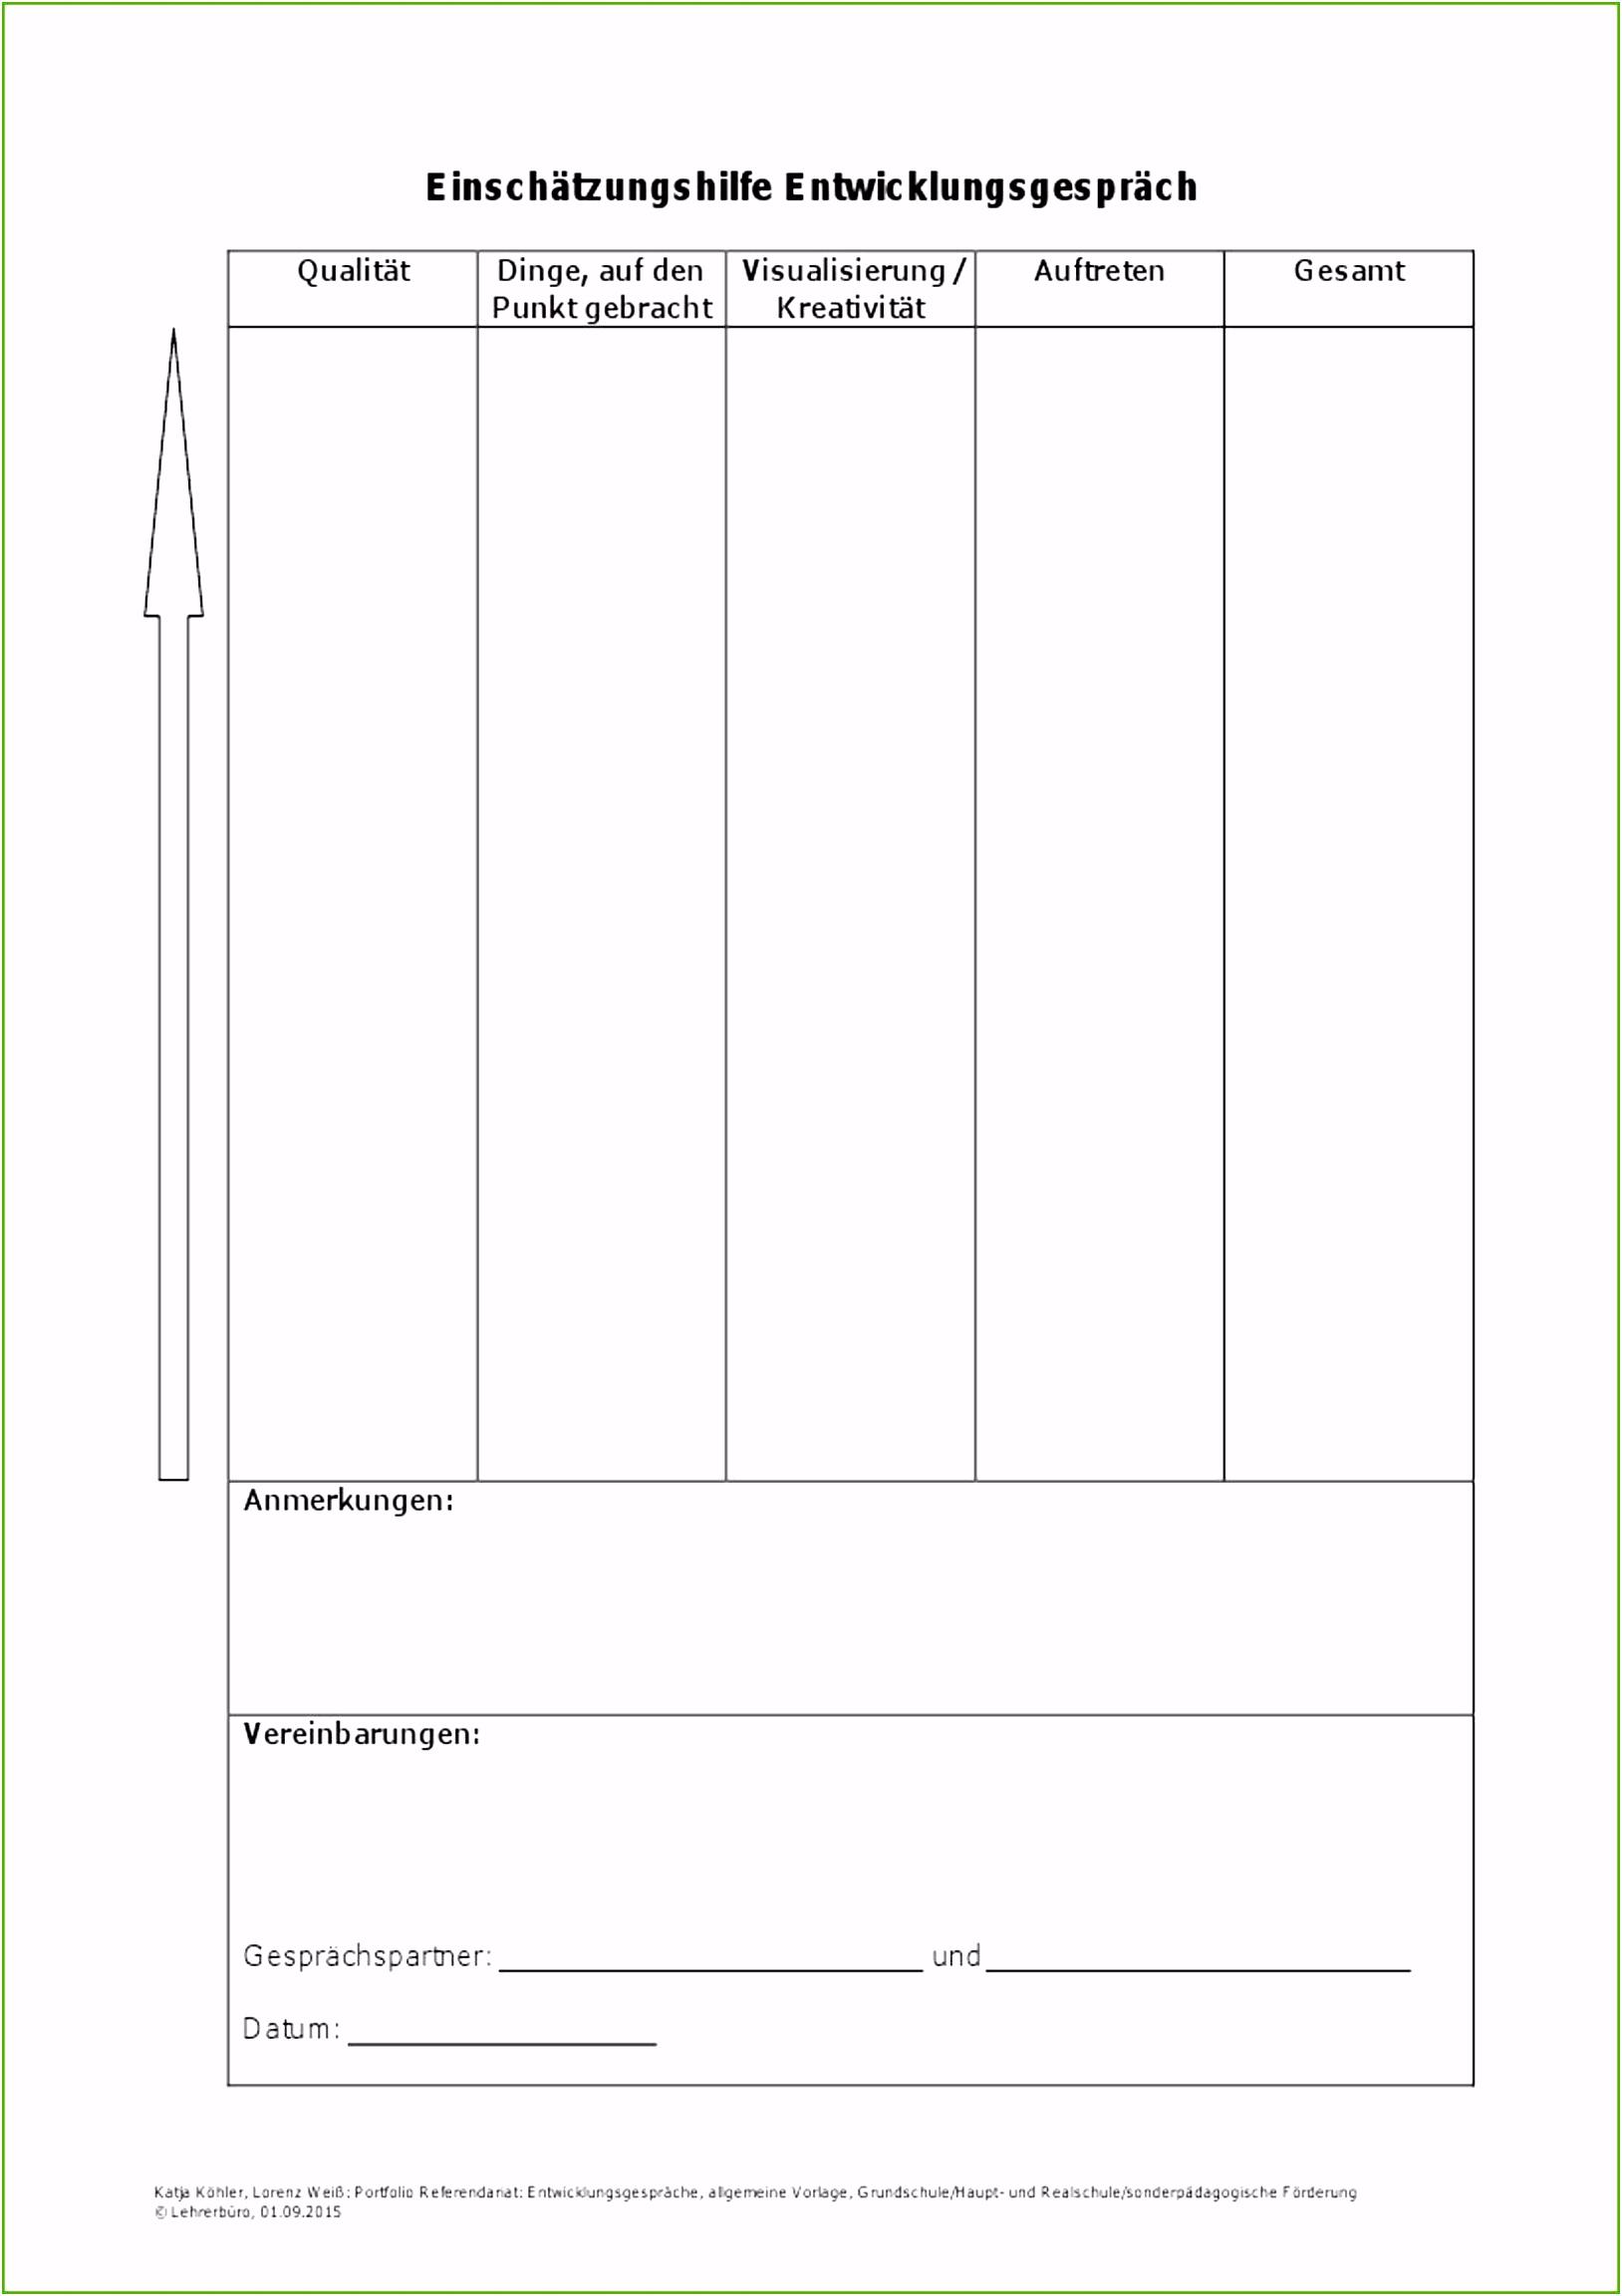 Entwicklungsgespräch Vorlage 14 Designs Sie Berücksichtigen Müssen